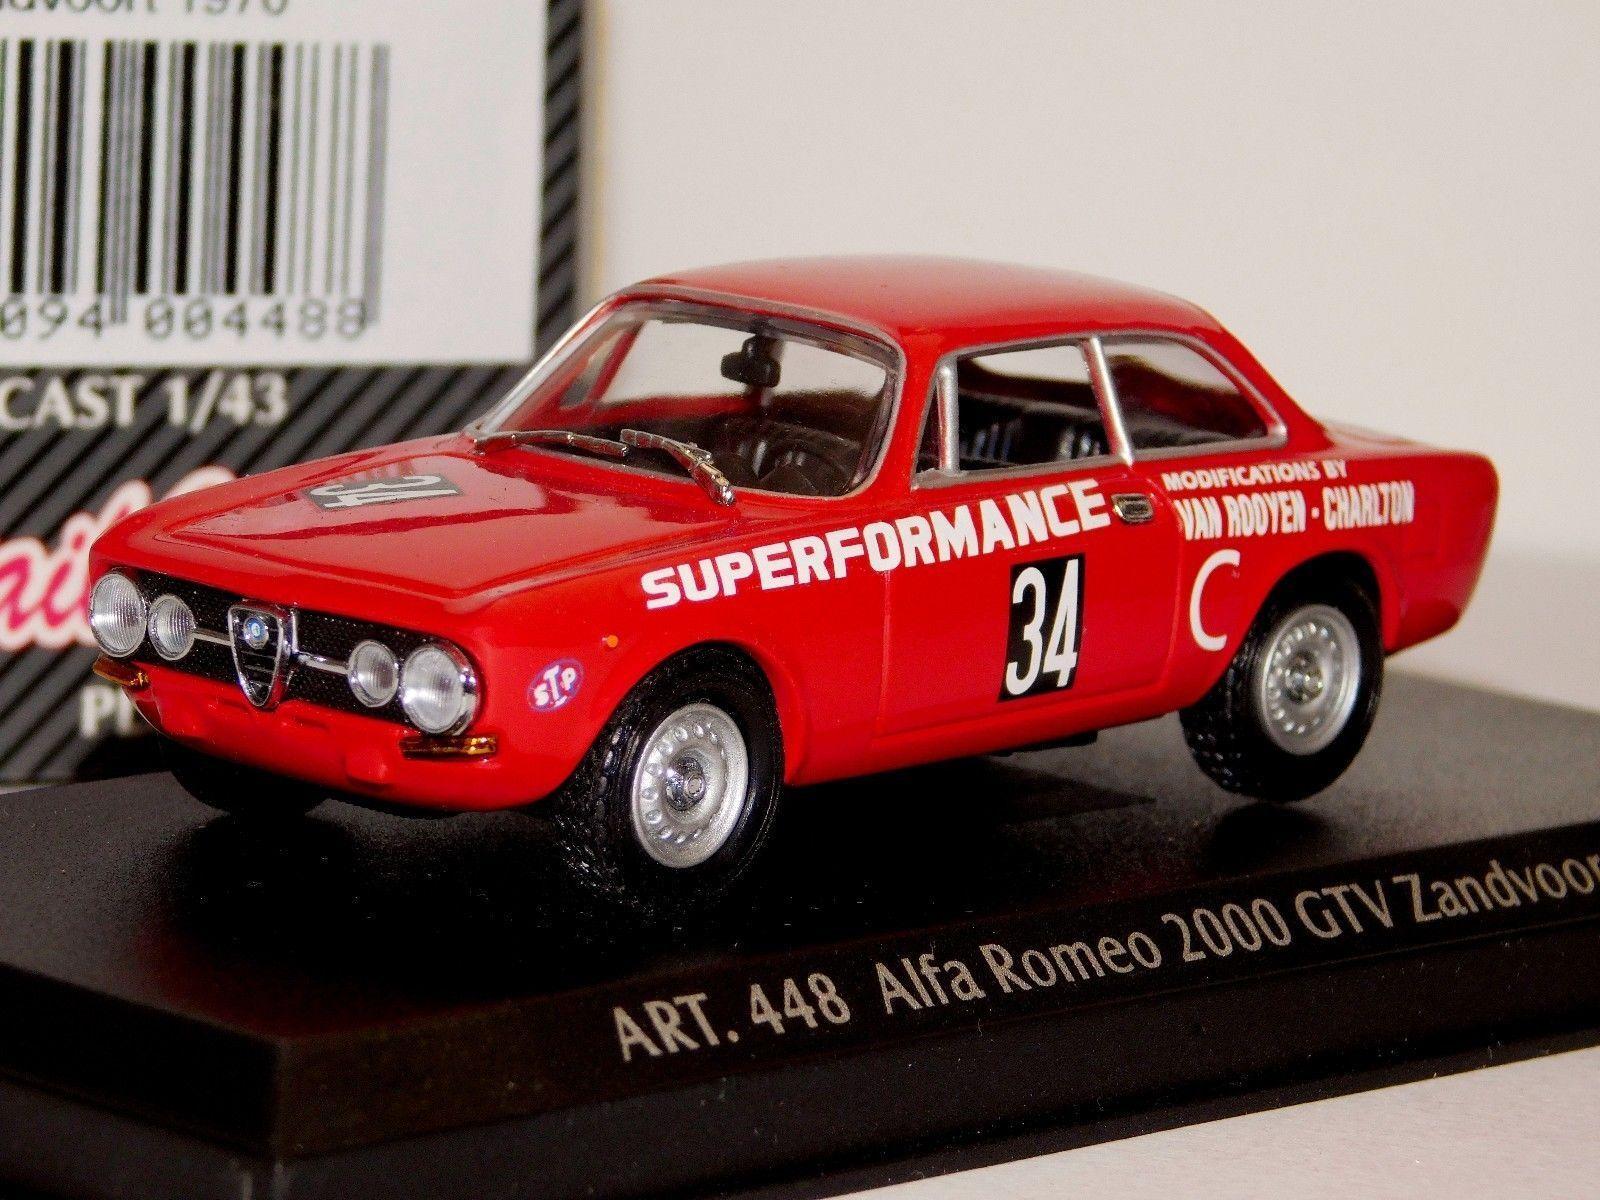 ALFA ROMEO 1750 GTV ZANDVOORT 1970 DETAIL CARS ART 448 448 448 1 43 03ed70